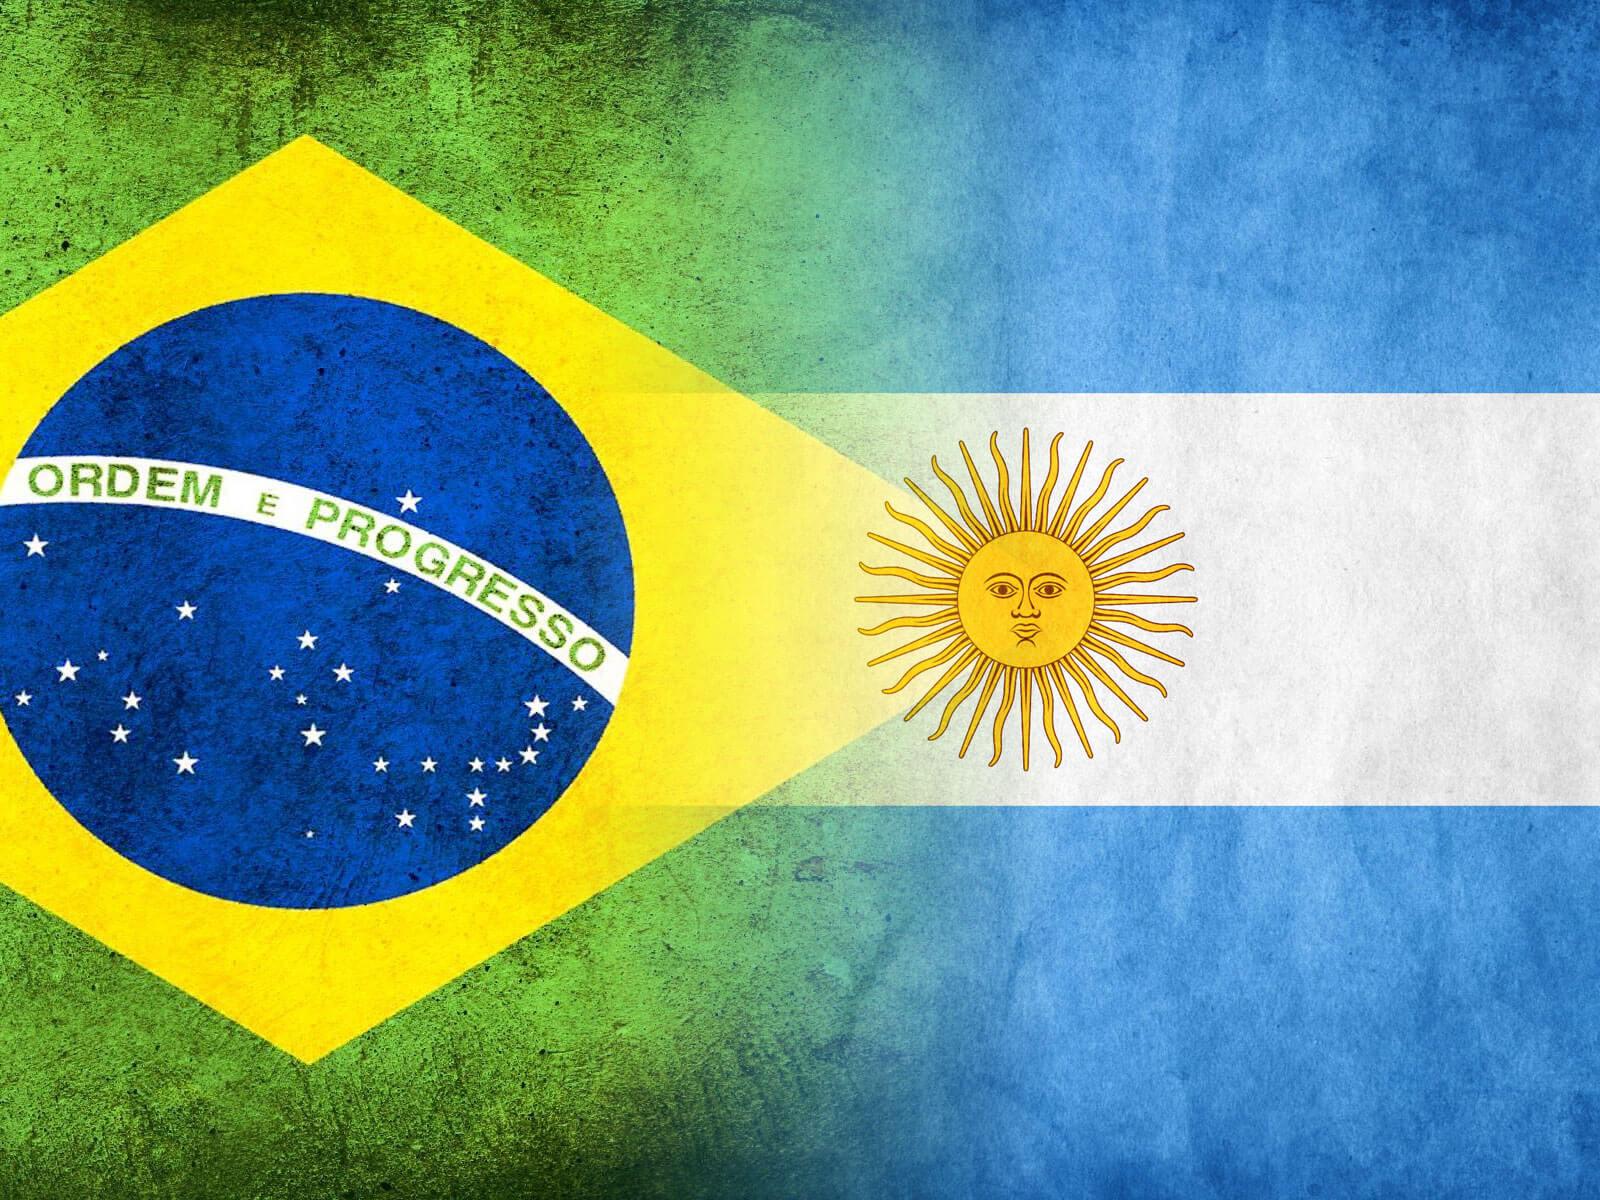 Klicka här för att se Speltips Brasilien - Argentina